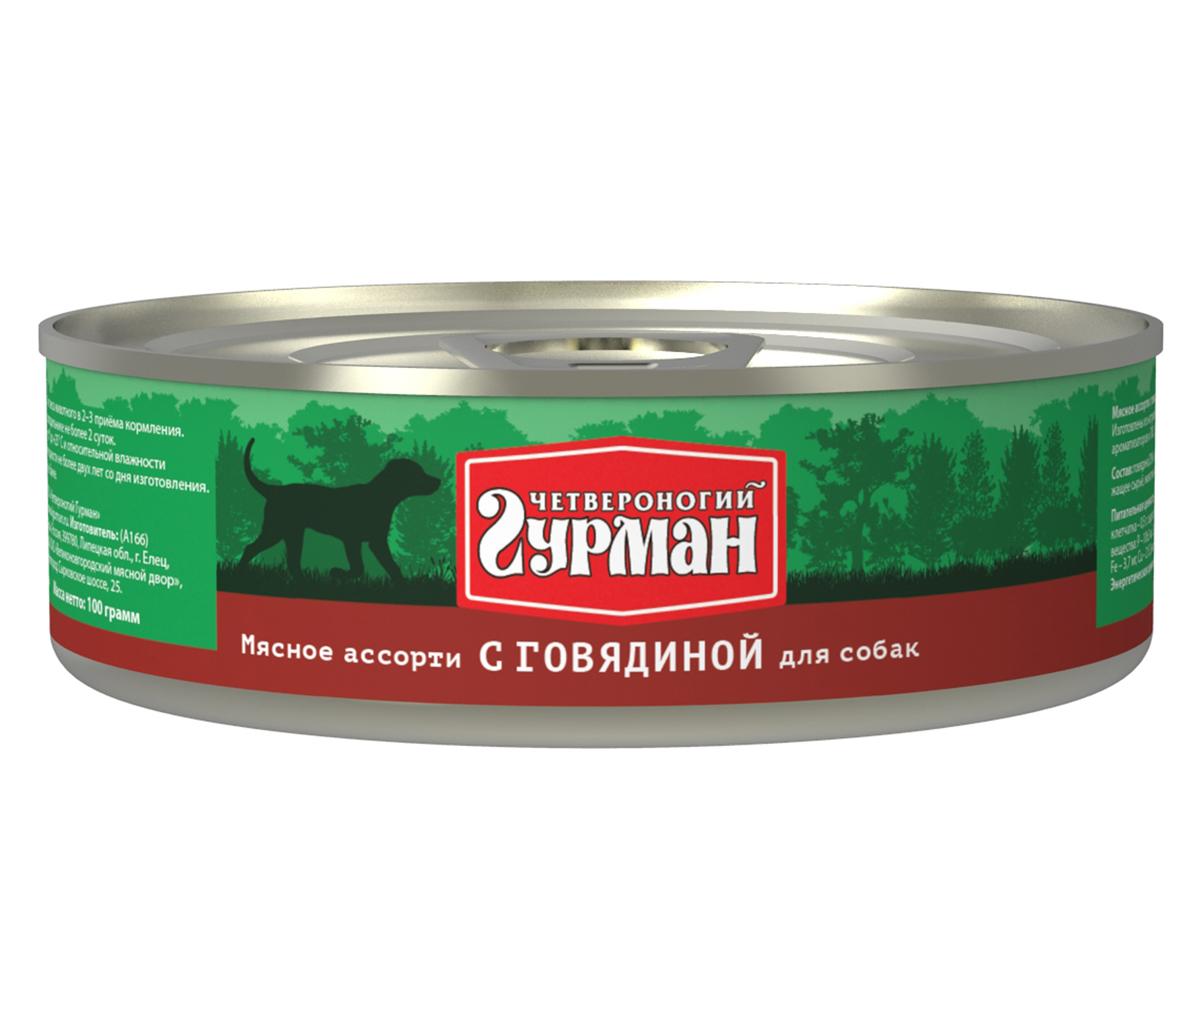 Консервы для собак Четвероногий гурман Мясное ассорти, с говядиной, 100 г. 1031010020120710Консервы для собак Четвероногий гурман Мясное ассорти - это влажный мясной корм суперпремиум класса, состоящий из разных сортов мяса и качественных субпродуктов. Корм не содержит синтетических витаминно-минеральных комплексов, злаков, бобовых и овощей. Никаких искусственных компонентов в составе: только натуральное, экологически чистое мясо от проверенных поставщиков. По консистенции продукт представляет собой кусочки из фарша размером 3-15 мм. В состав входит коллаген. Его компоненты (хондроитин и глюкозамин) положительно воздействуют на суставы питомца. Состав: говядина (20%), сердце (20%), рубец, легкое, печень, коллагенсодержащее сырье, животный белок, масло растительное, вода. Пищевая ценность (в 100 г продукта): протеин 10,5 г, жир 6,2 г, клетчатка 0,5 г, сырая зола 2 г, влага 80 г. Минеральные вещества: P 106,3мг, Са 10,8 мг, Na 159,6 мг, Cl 208,9 мг, Mg 11,3 мг, Fe 3,7 мг, Cu 215,3 мкг, I 4,34 мкг. Витамины: А, E, В1, В2, B3, B5, B6. Энергетическая ценность (на 100 г): 102 ккал. Товар сертифицирован.